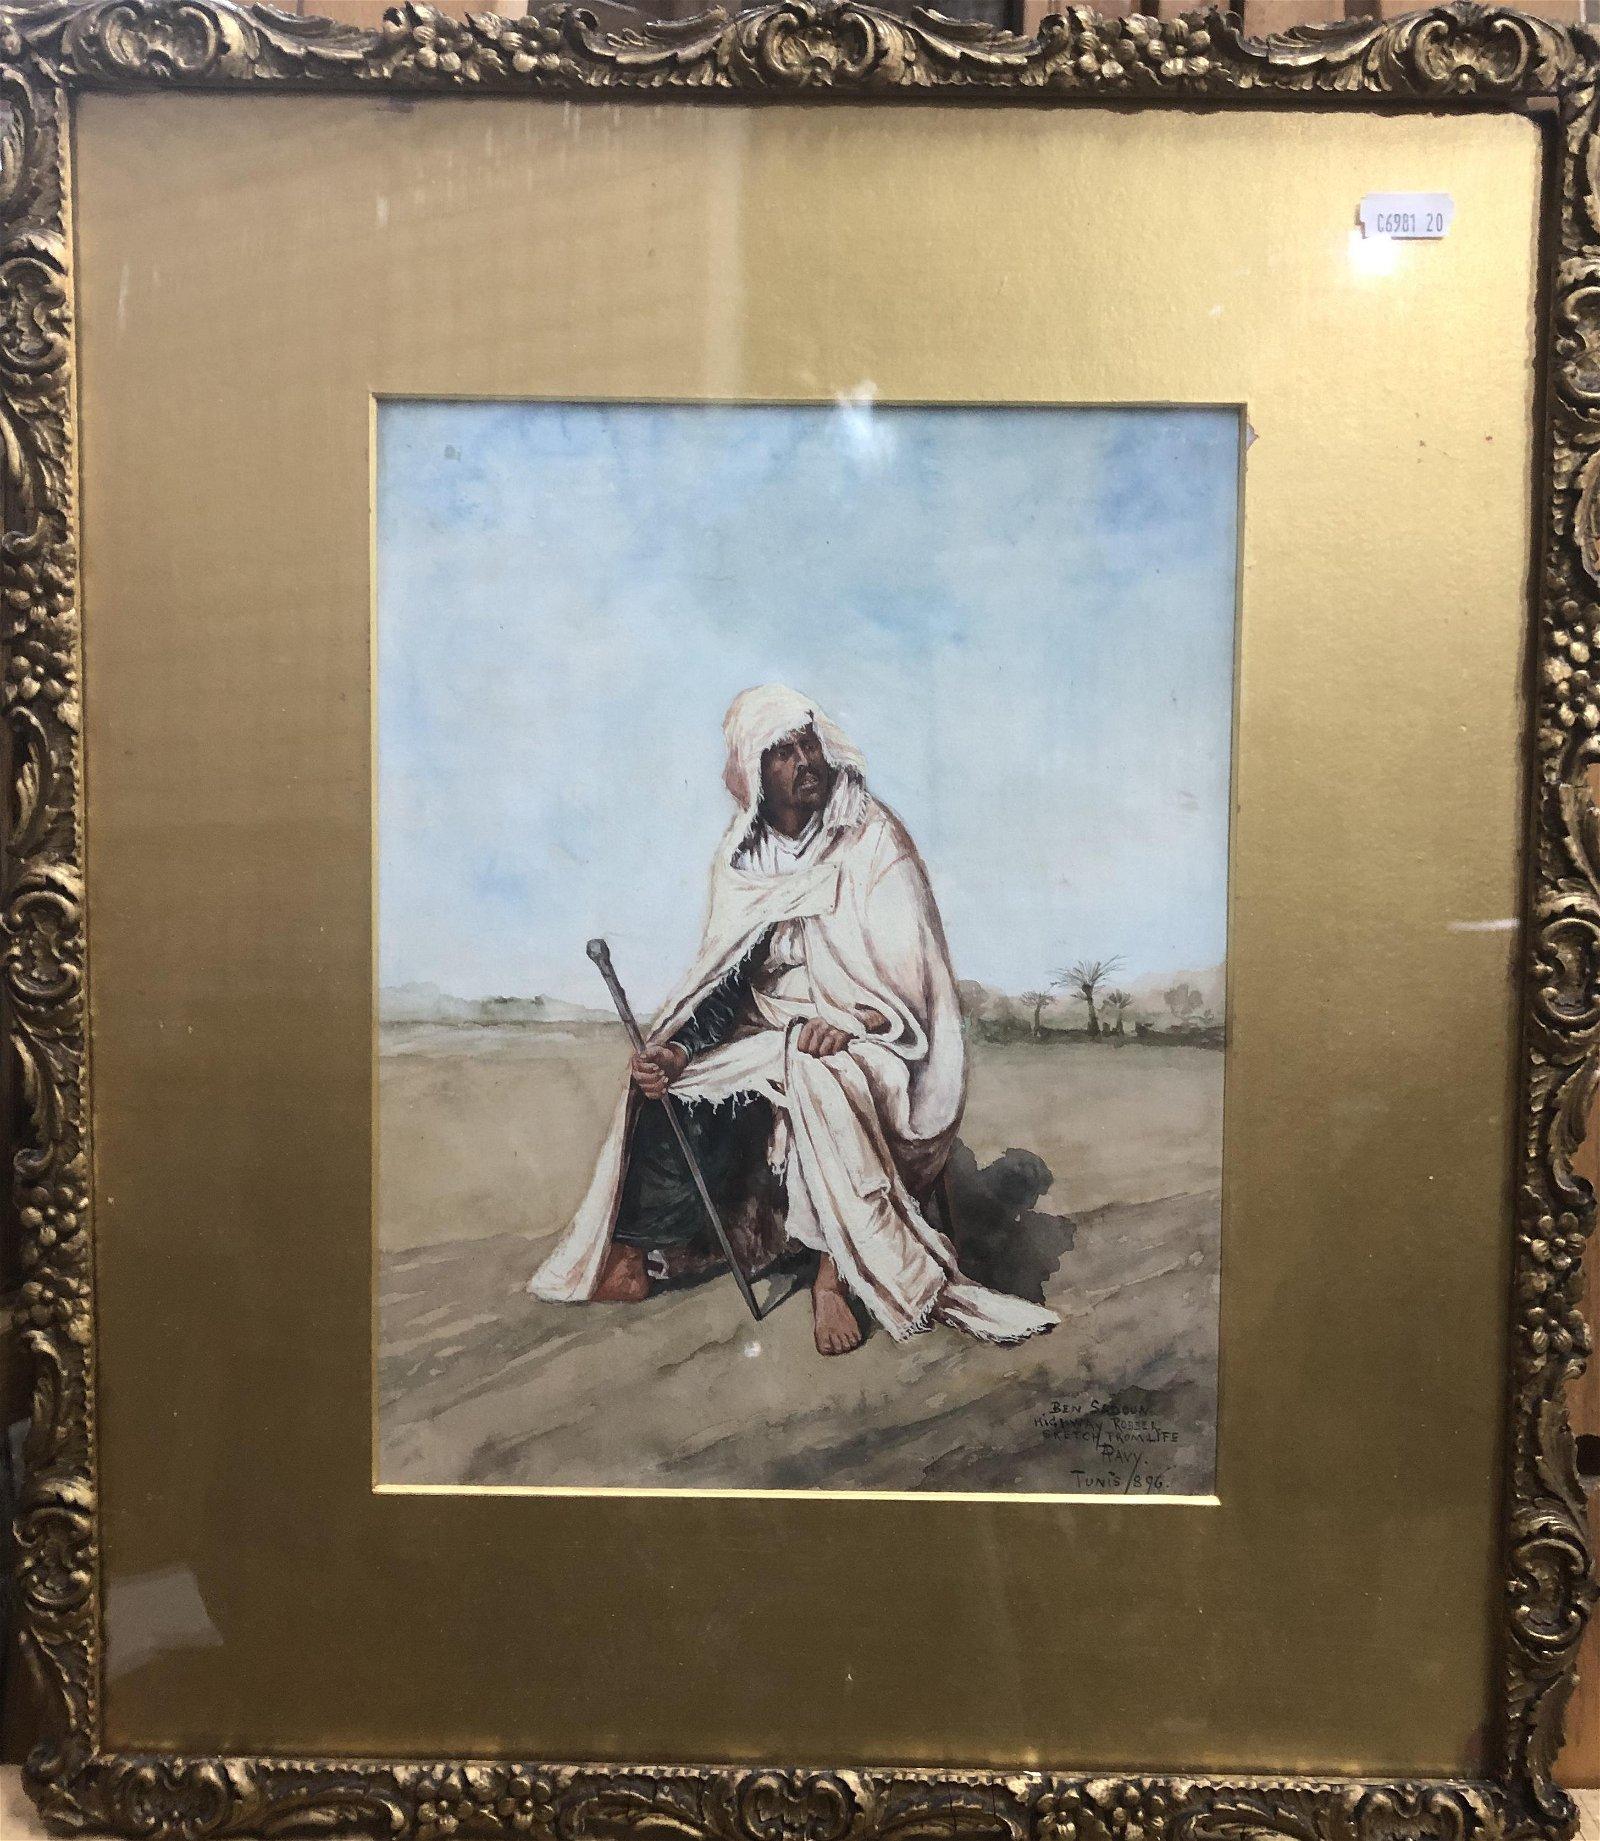 A Pavy - Ben Sadoun highway robber